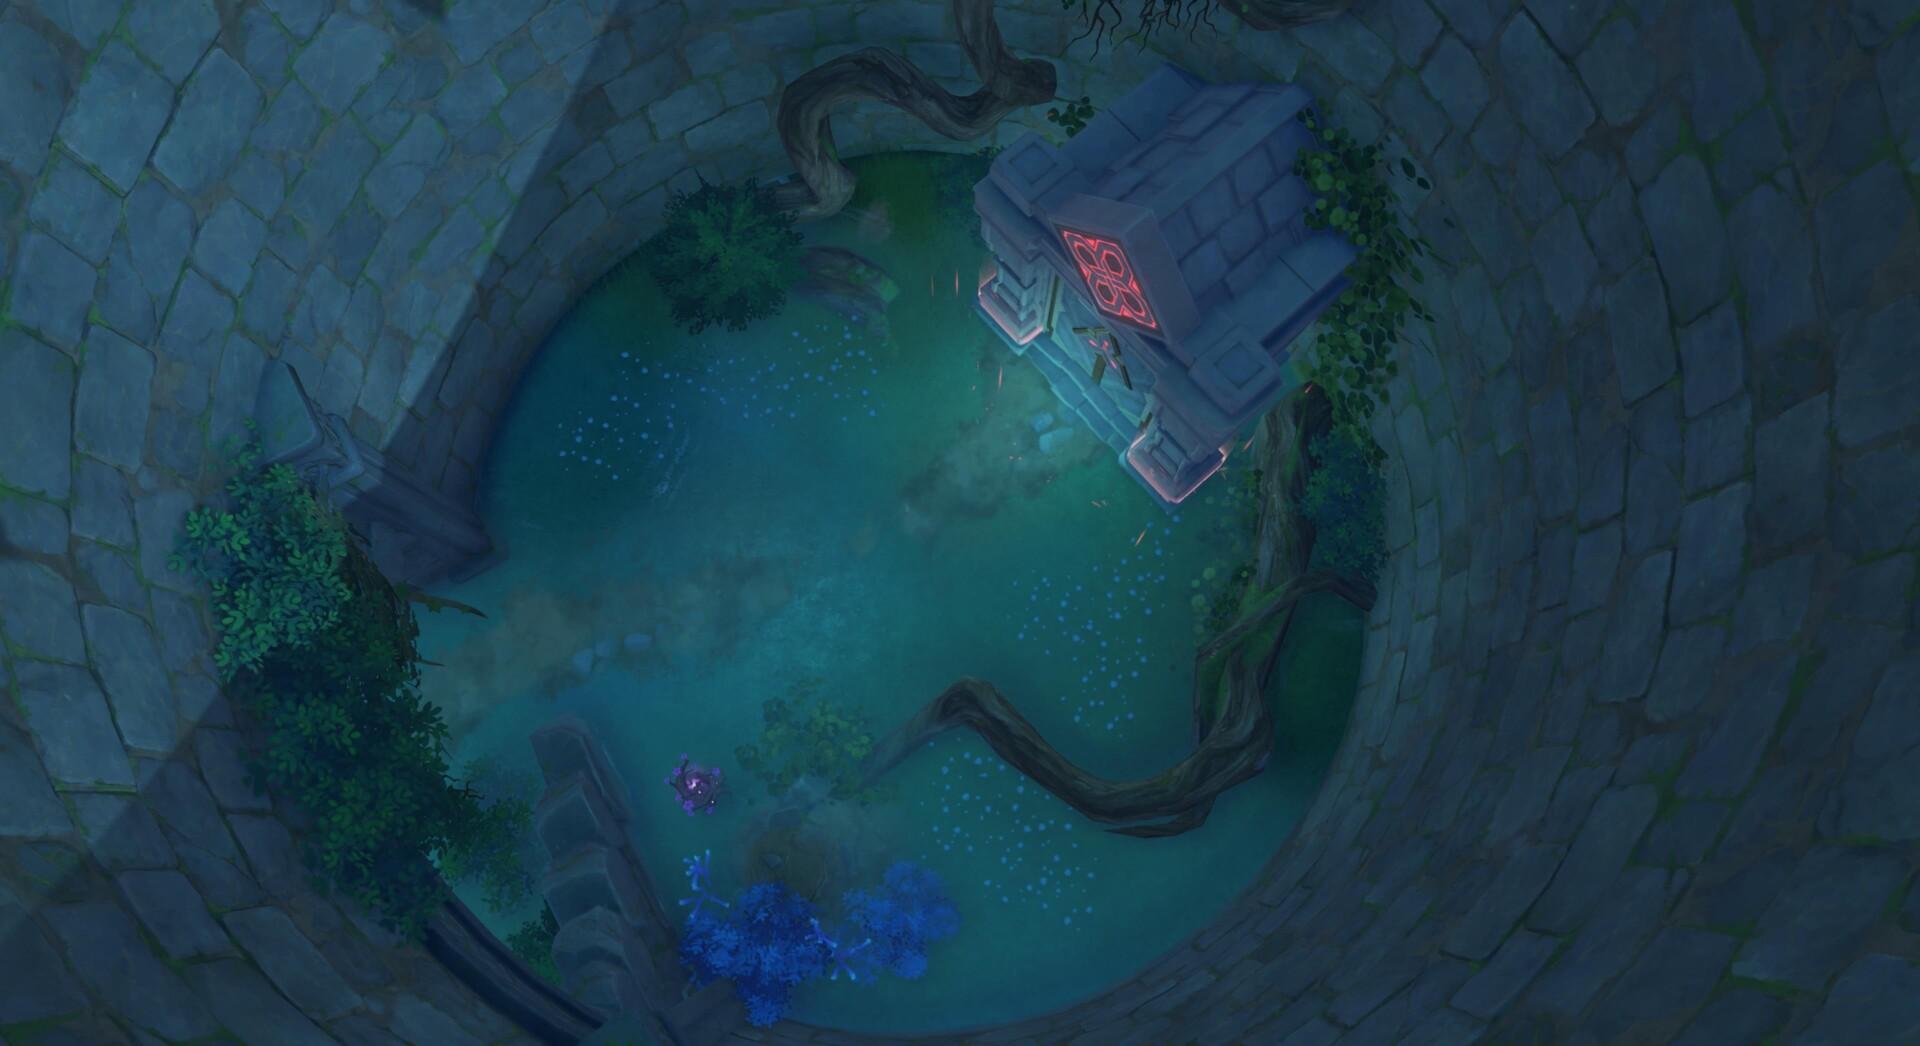 Genshin Impact: Suigetsu Pool - Déverrouillez le palais dans le domaine de la piscine